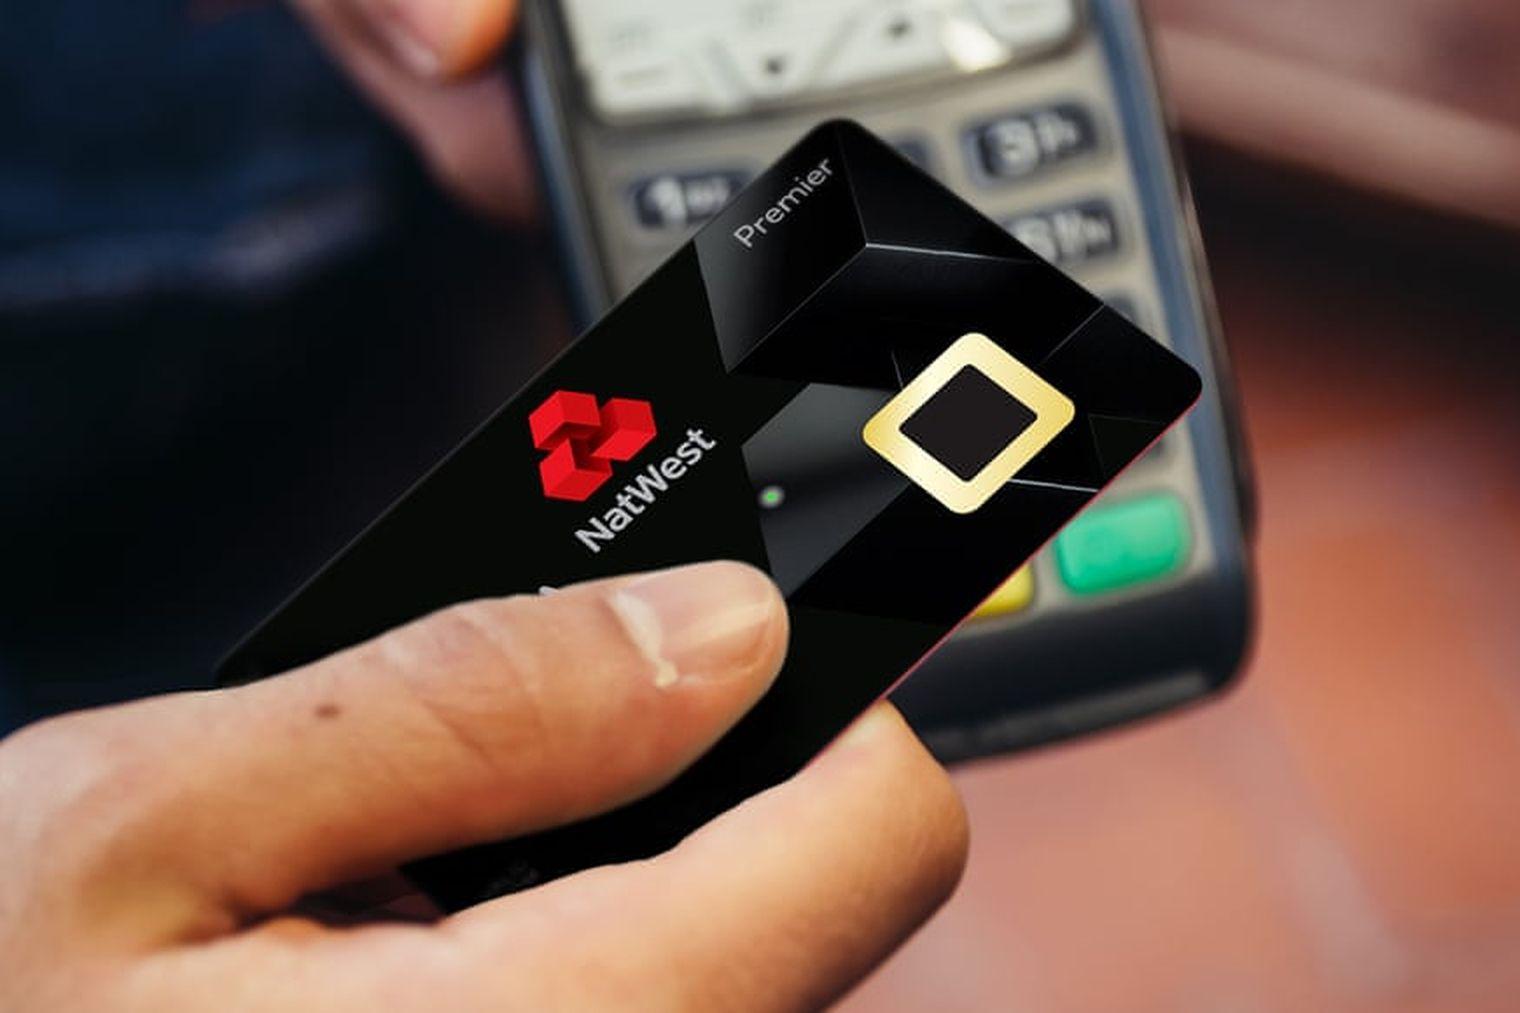 Первые банковские карты со сканером отпечатков пальцев уже тестируют